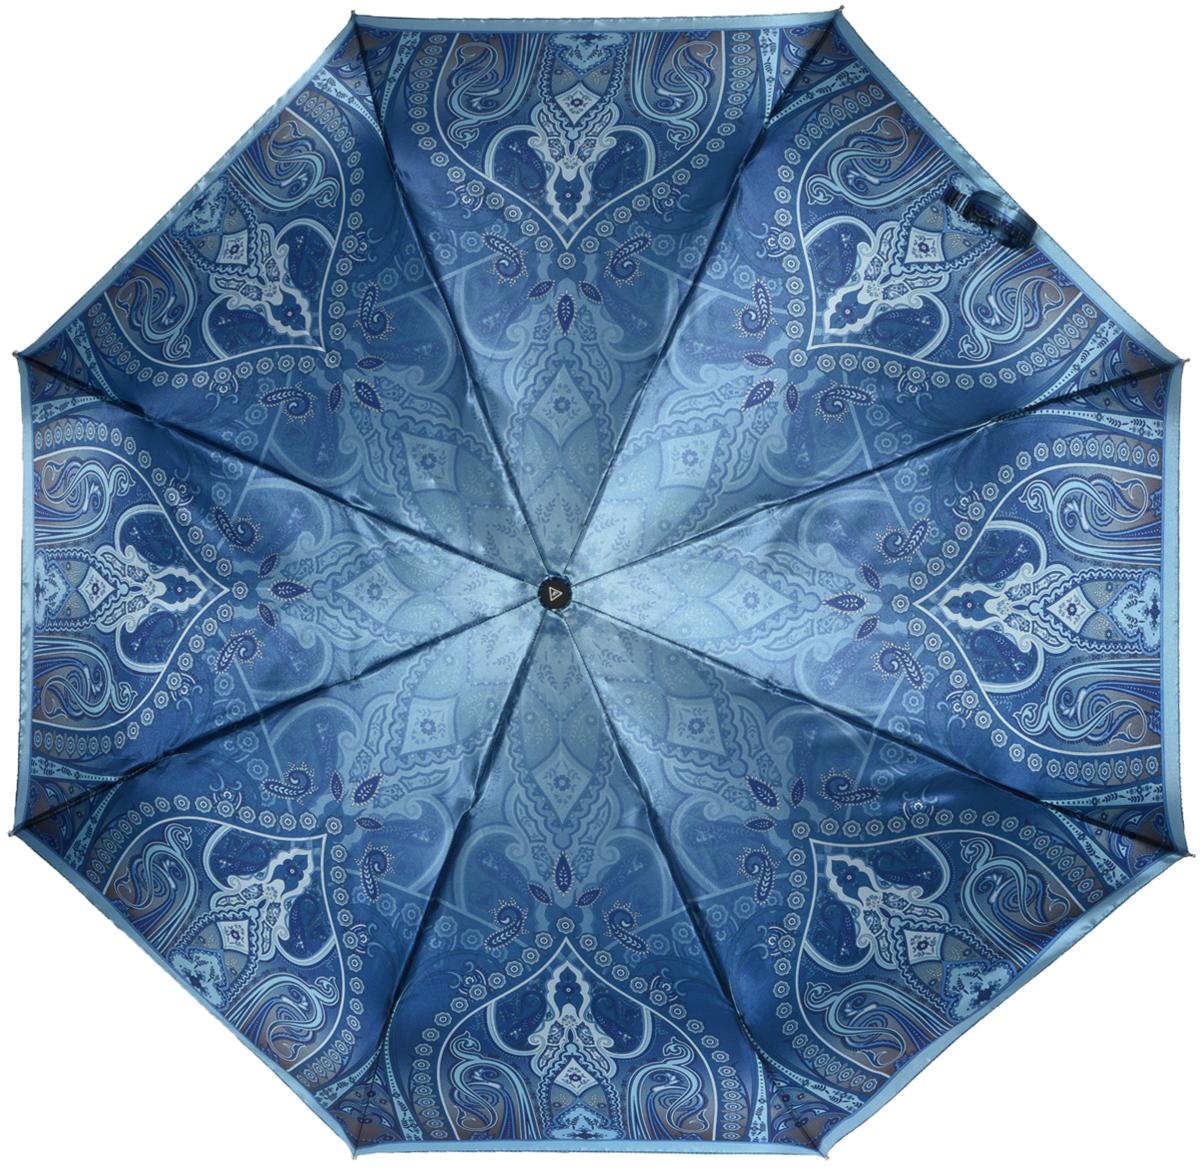 Зонт женский Fabretti, автомат, 3 сложения, цвет: синий. L-16105-11L-16105-11Зонт женский Fabretti, облегченный суперавтомат, 3 сложения